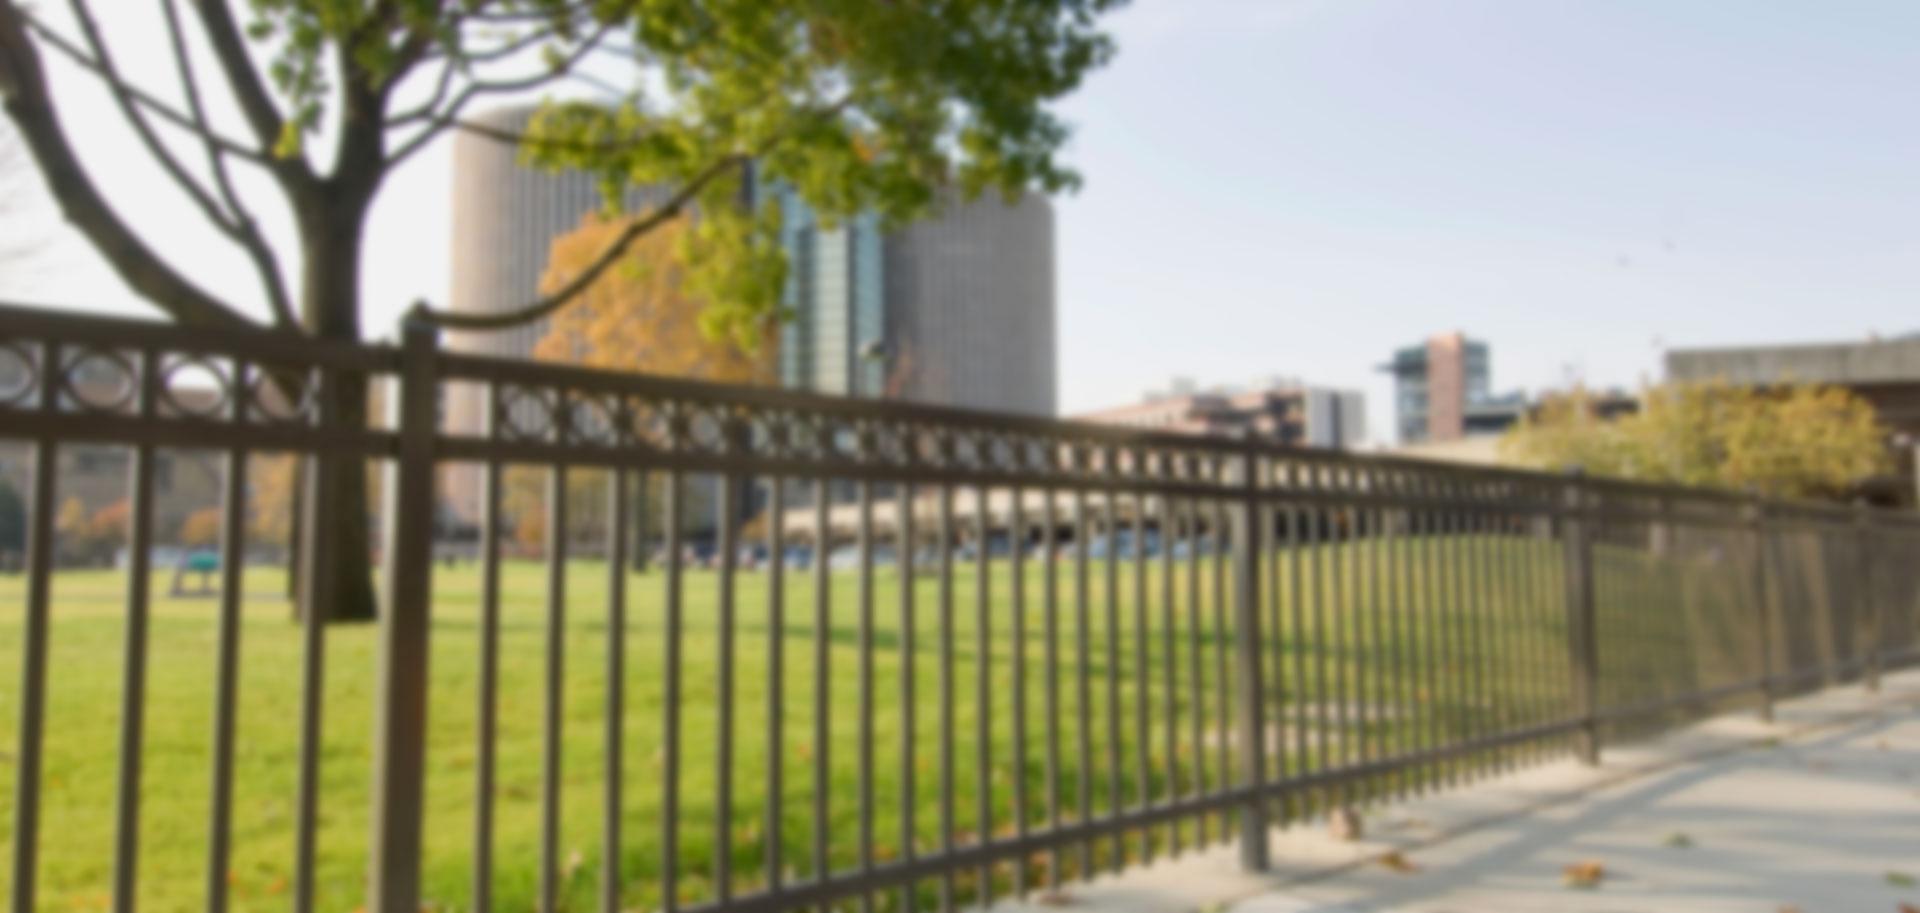 bg-park-fence1